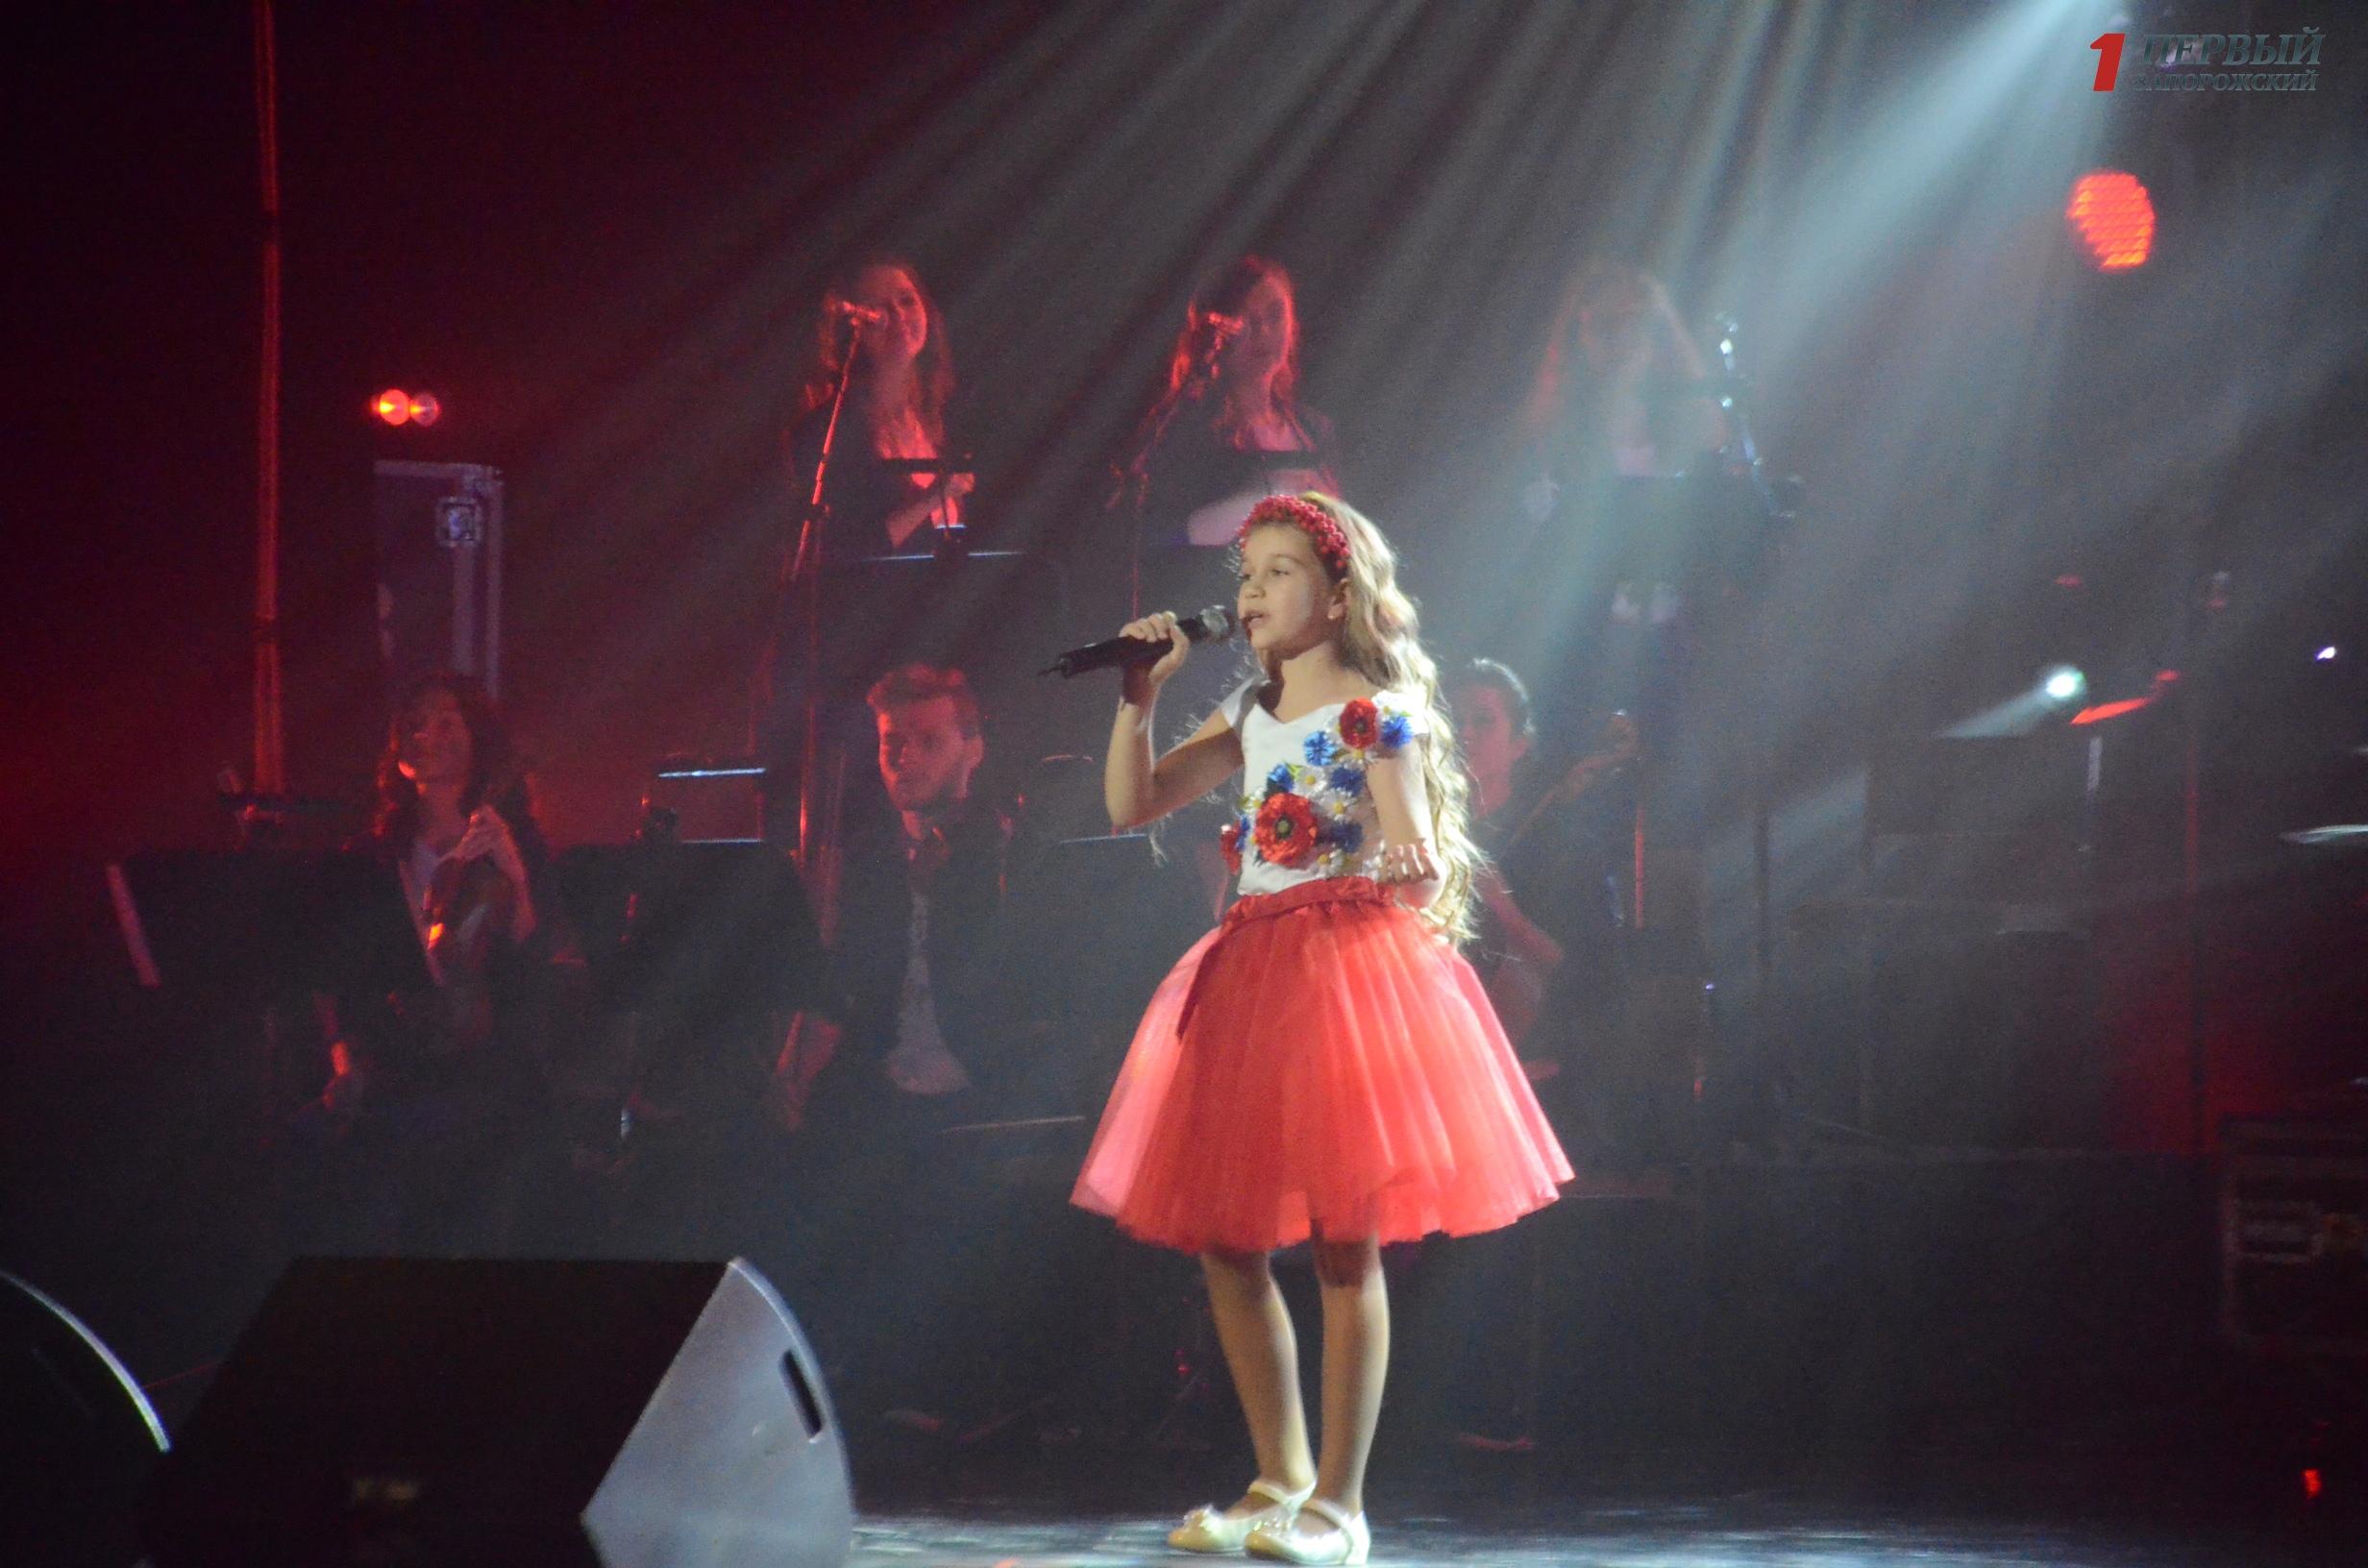 В Запорожье юные вокалисты соревновались за возможность представить Украину на престижном песенном конкурсе в Италии – ФОТО, ВИДЕО